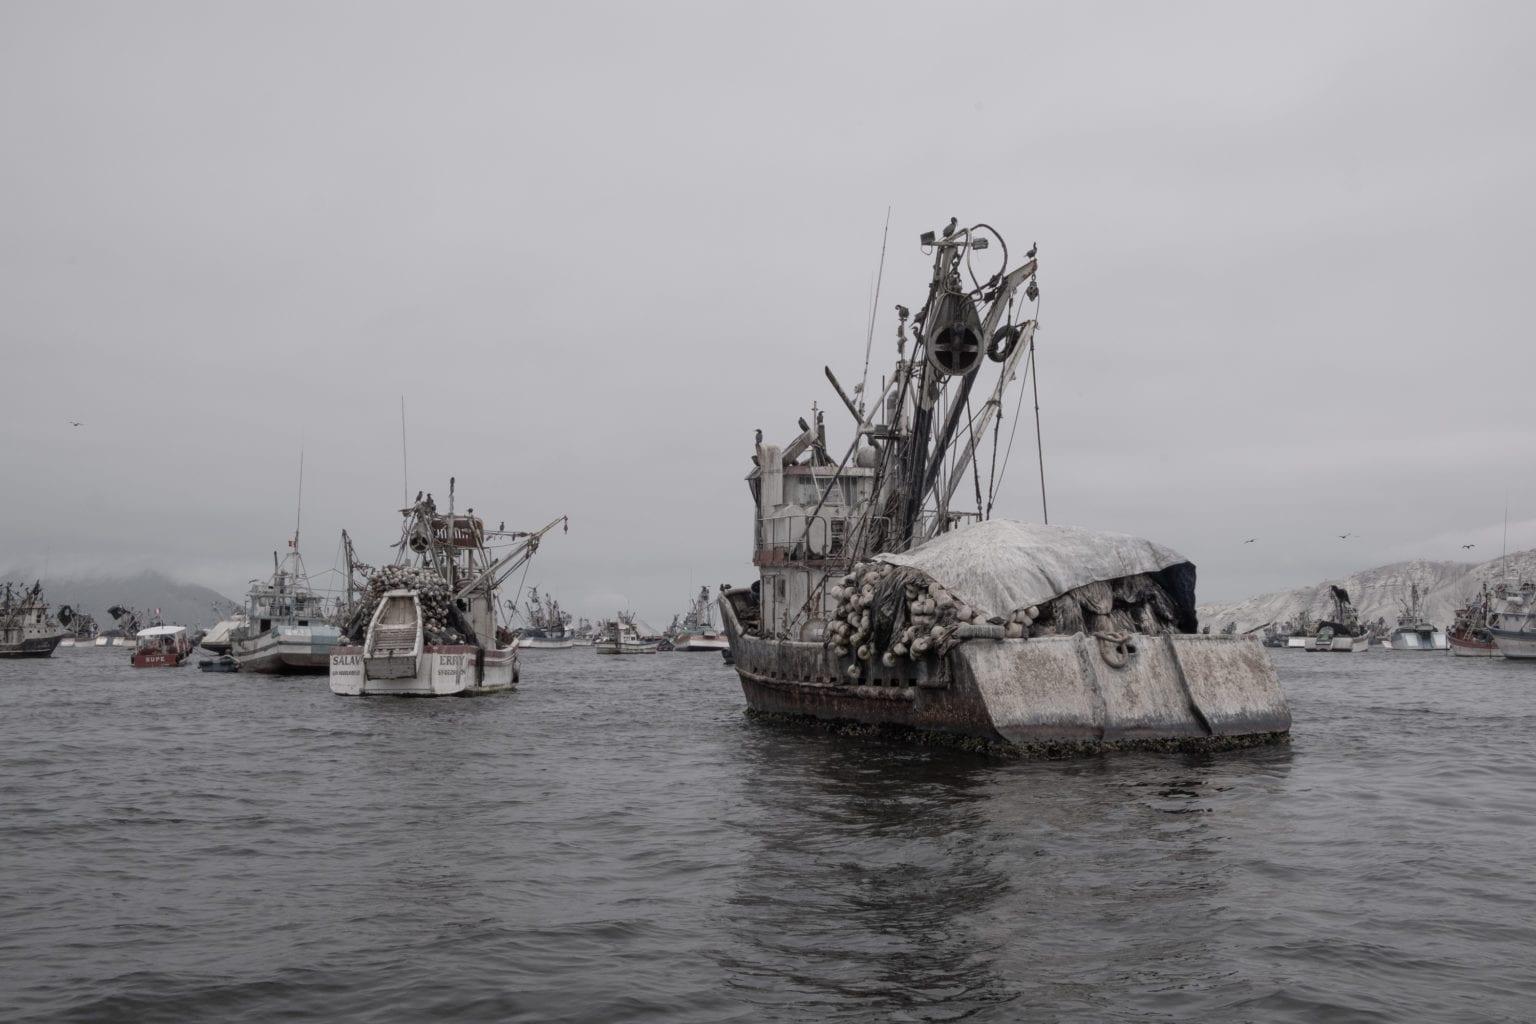 Danmark køber fiskeolie fra byen Chimbote i Peru, hvor disse skibe ligger. Alle fabrikkerne, Danmark køber fra er certificerede af MarinTrust, men det er slet ikke nok, lyder det fra kritikerne. Foto: Florence Goupil